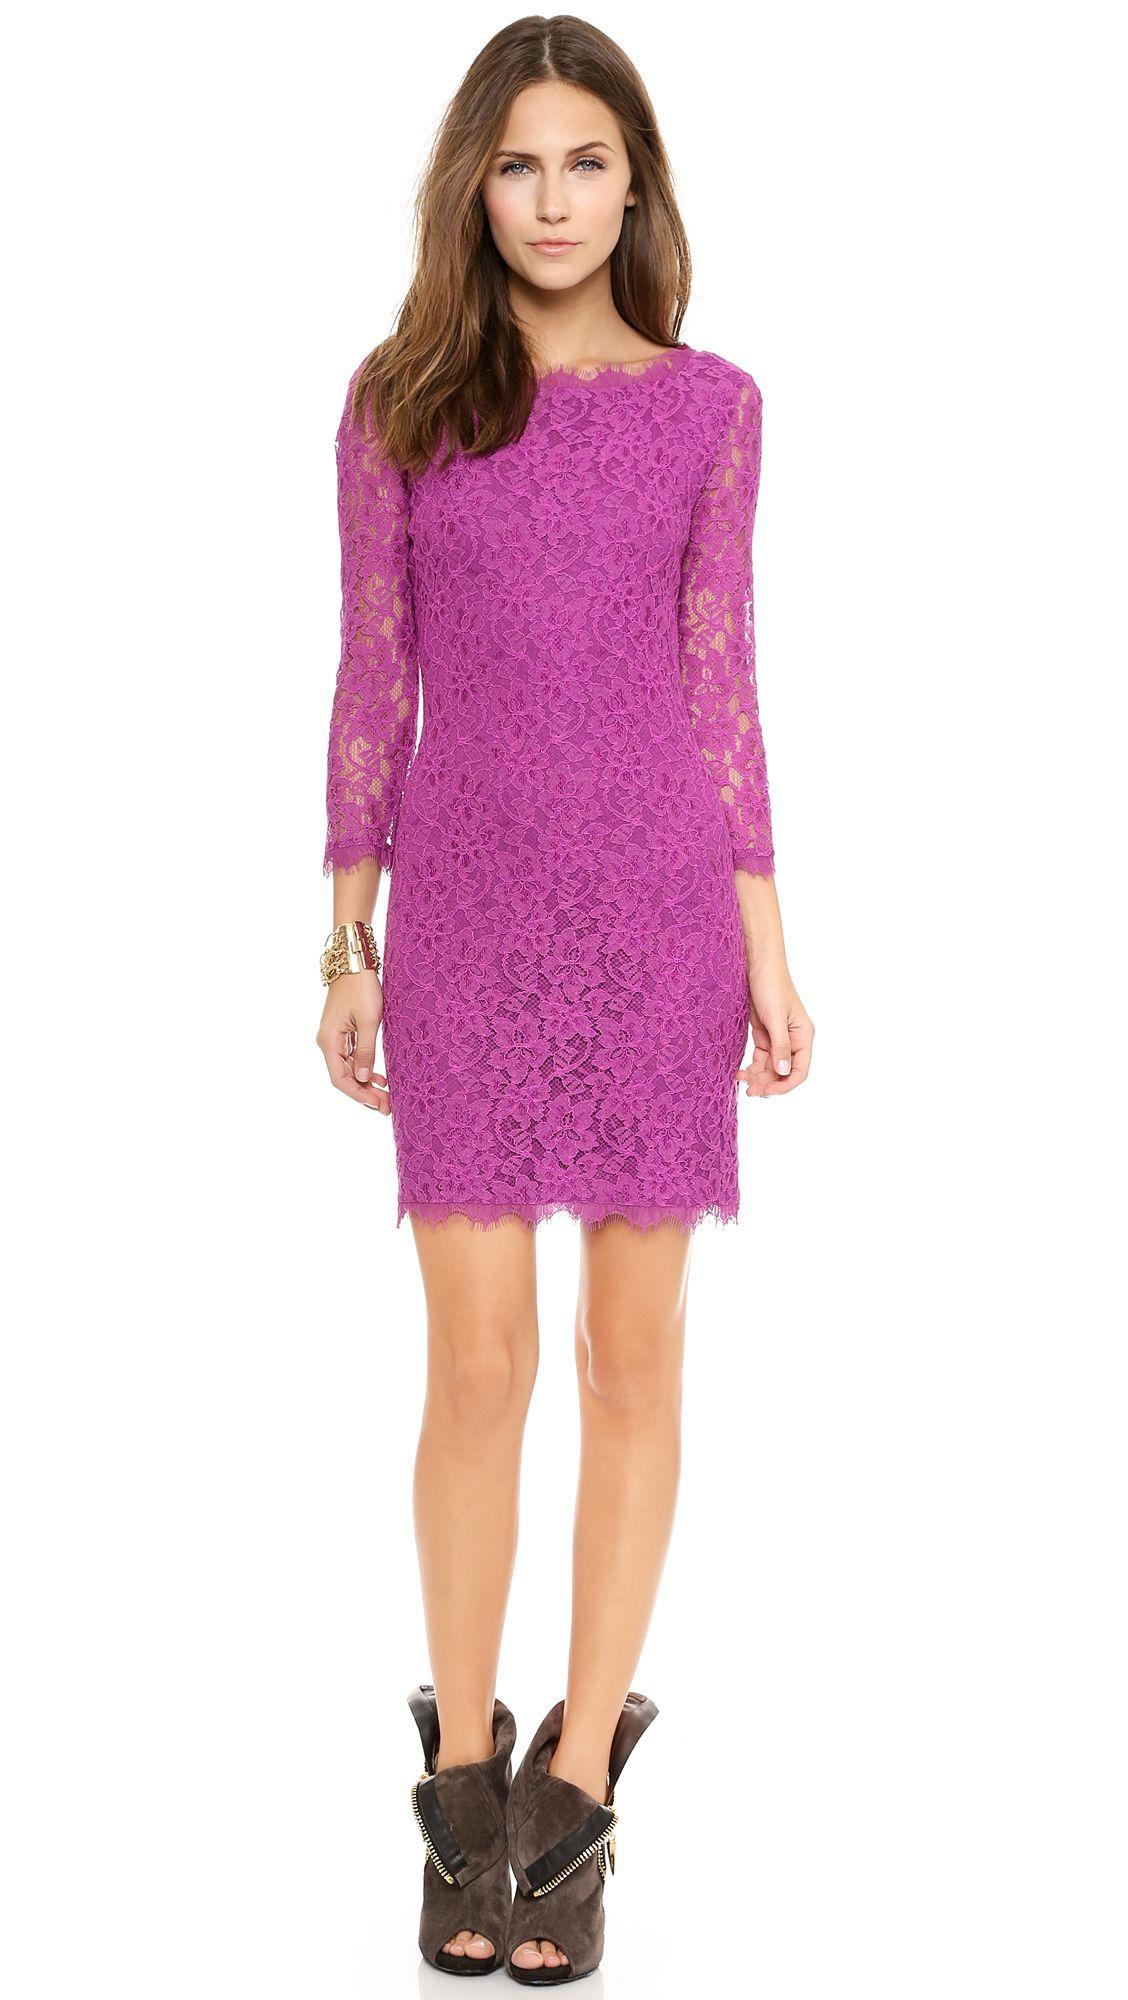 Diane von Furstenberg Zarita Lace Dress Chahnuh